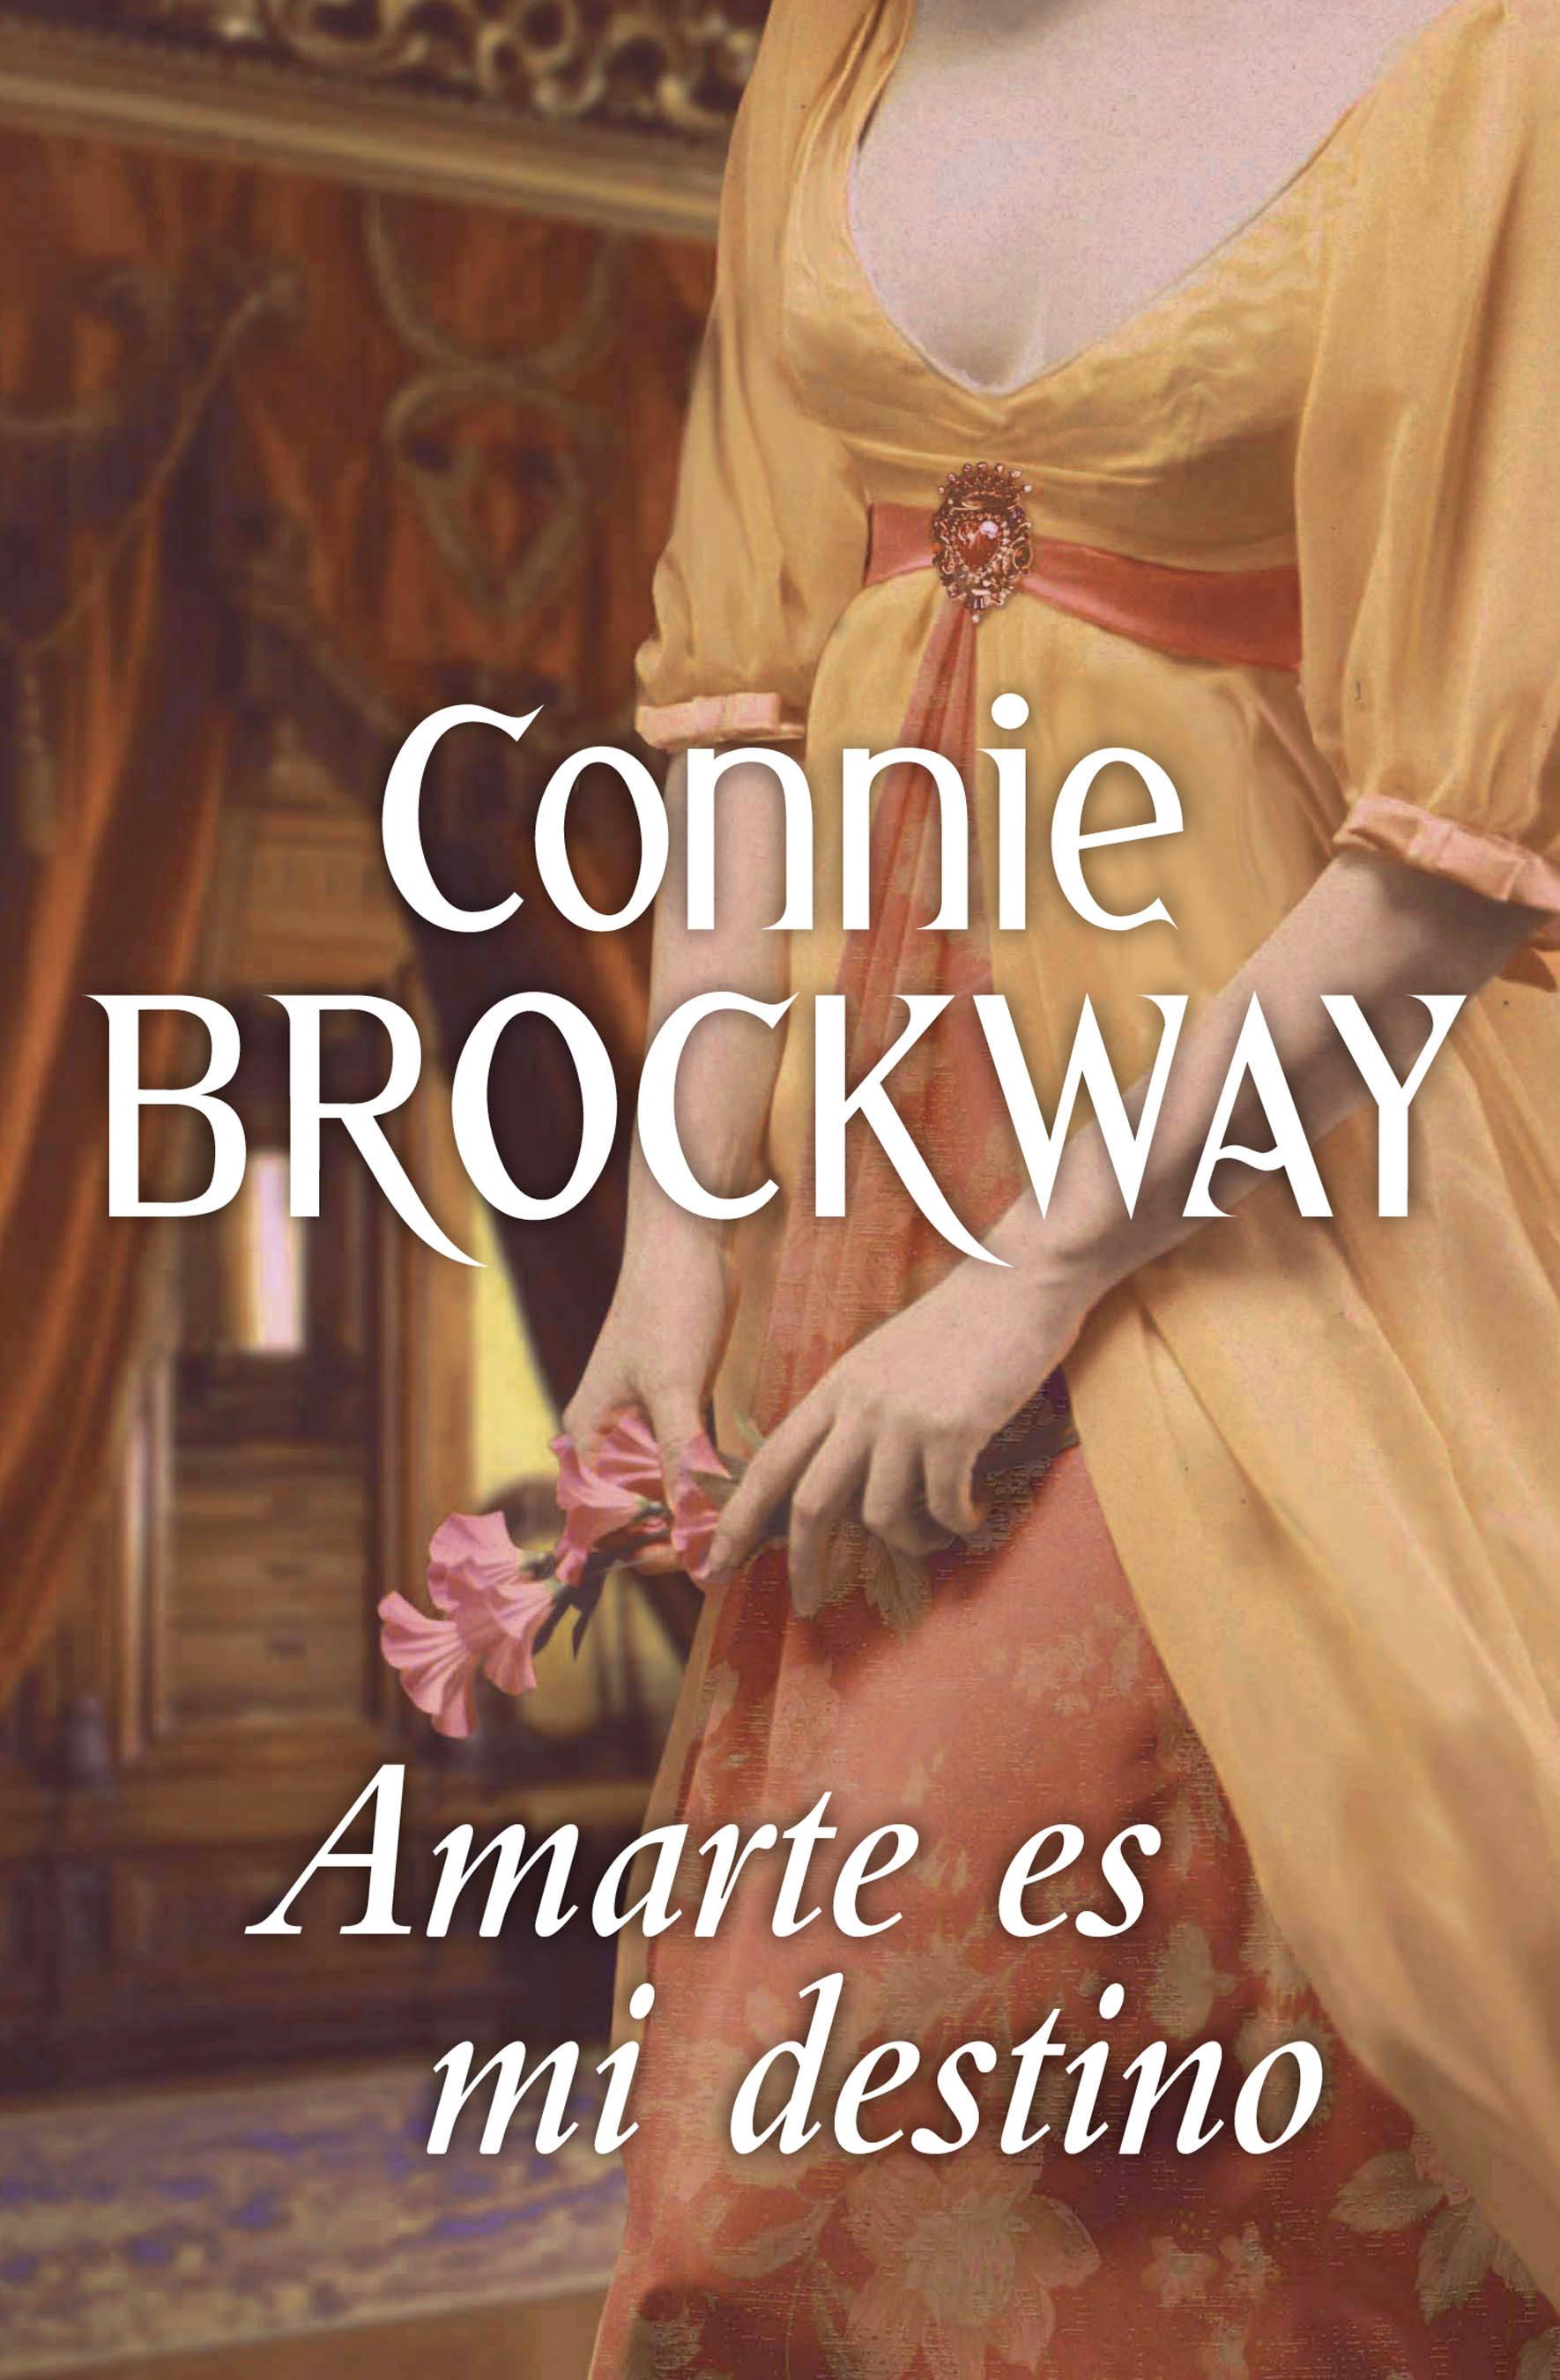 amarte es mi destino connie brockway